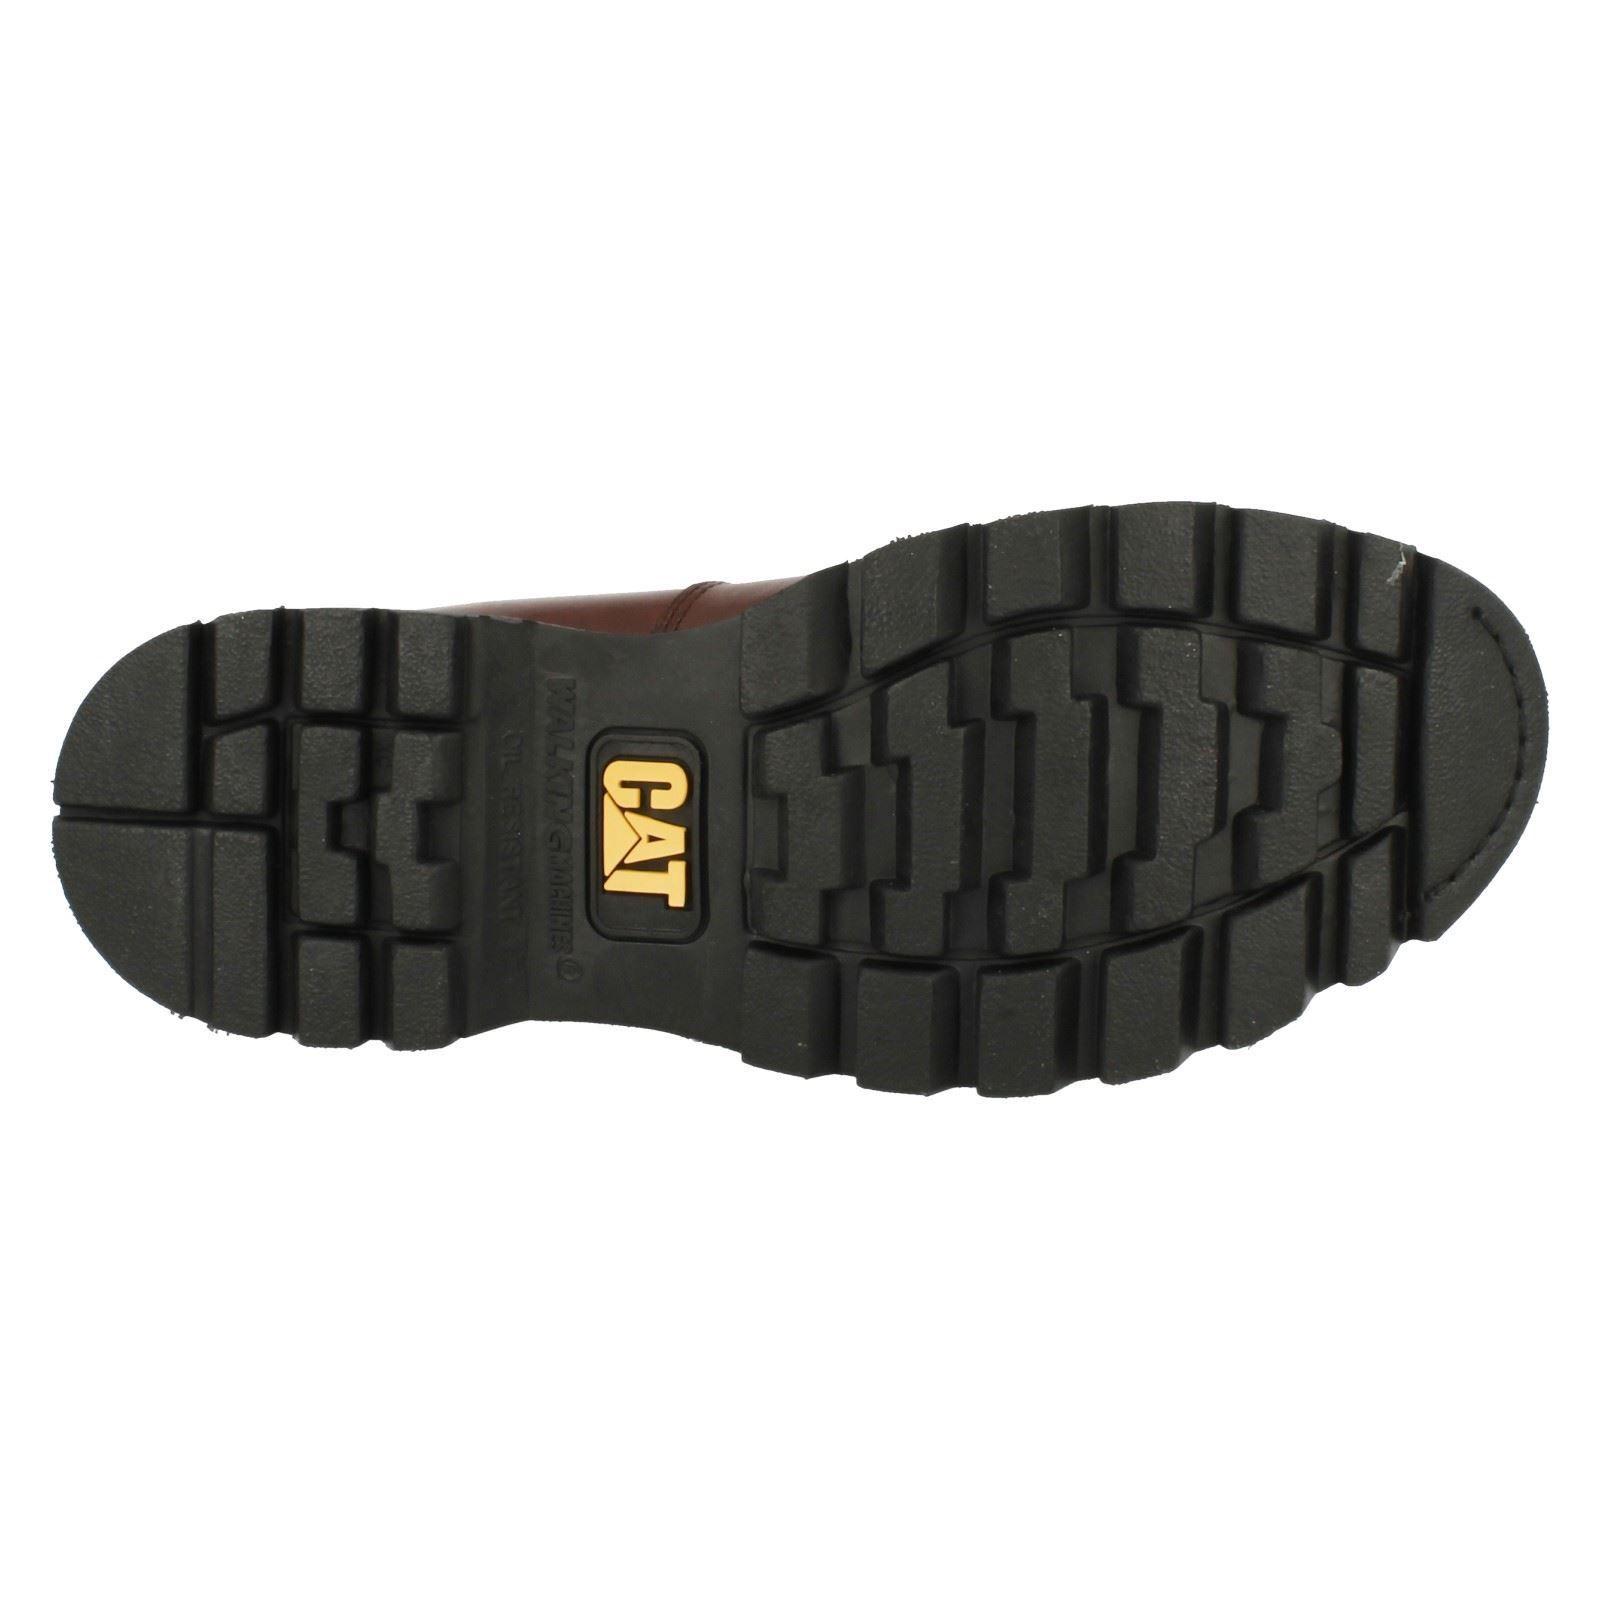 Mens Caterpillar Cap Lace Up Steel Toe Cap Caterpillar Boots Sheffield 8b80bc